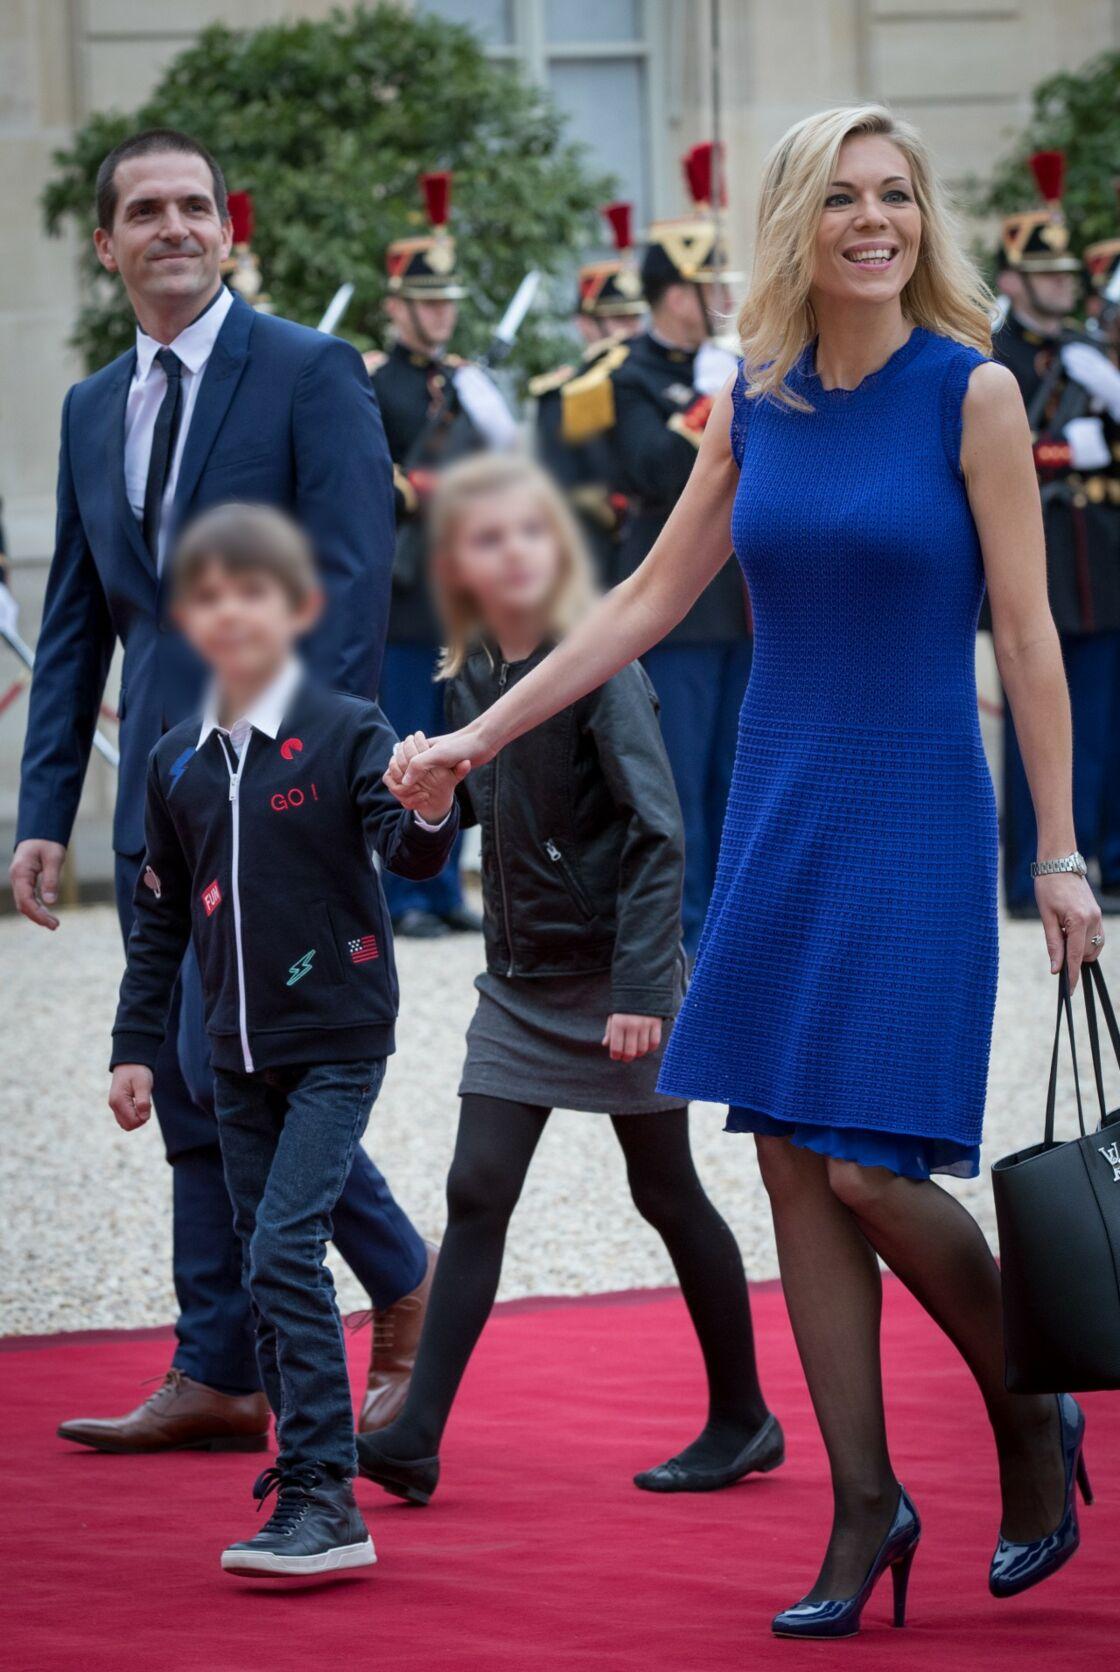 Guillaume Jourdan, Laurence Auzière et deux de leurs trois enfants, Thomas et Emma Jourdan, le 14 mai 2017 à l'Élysée